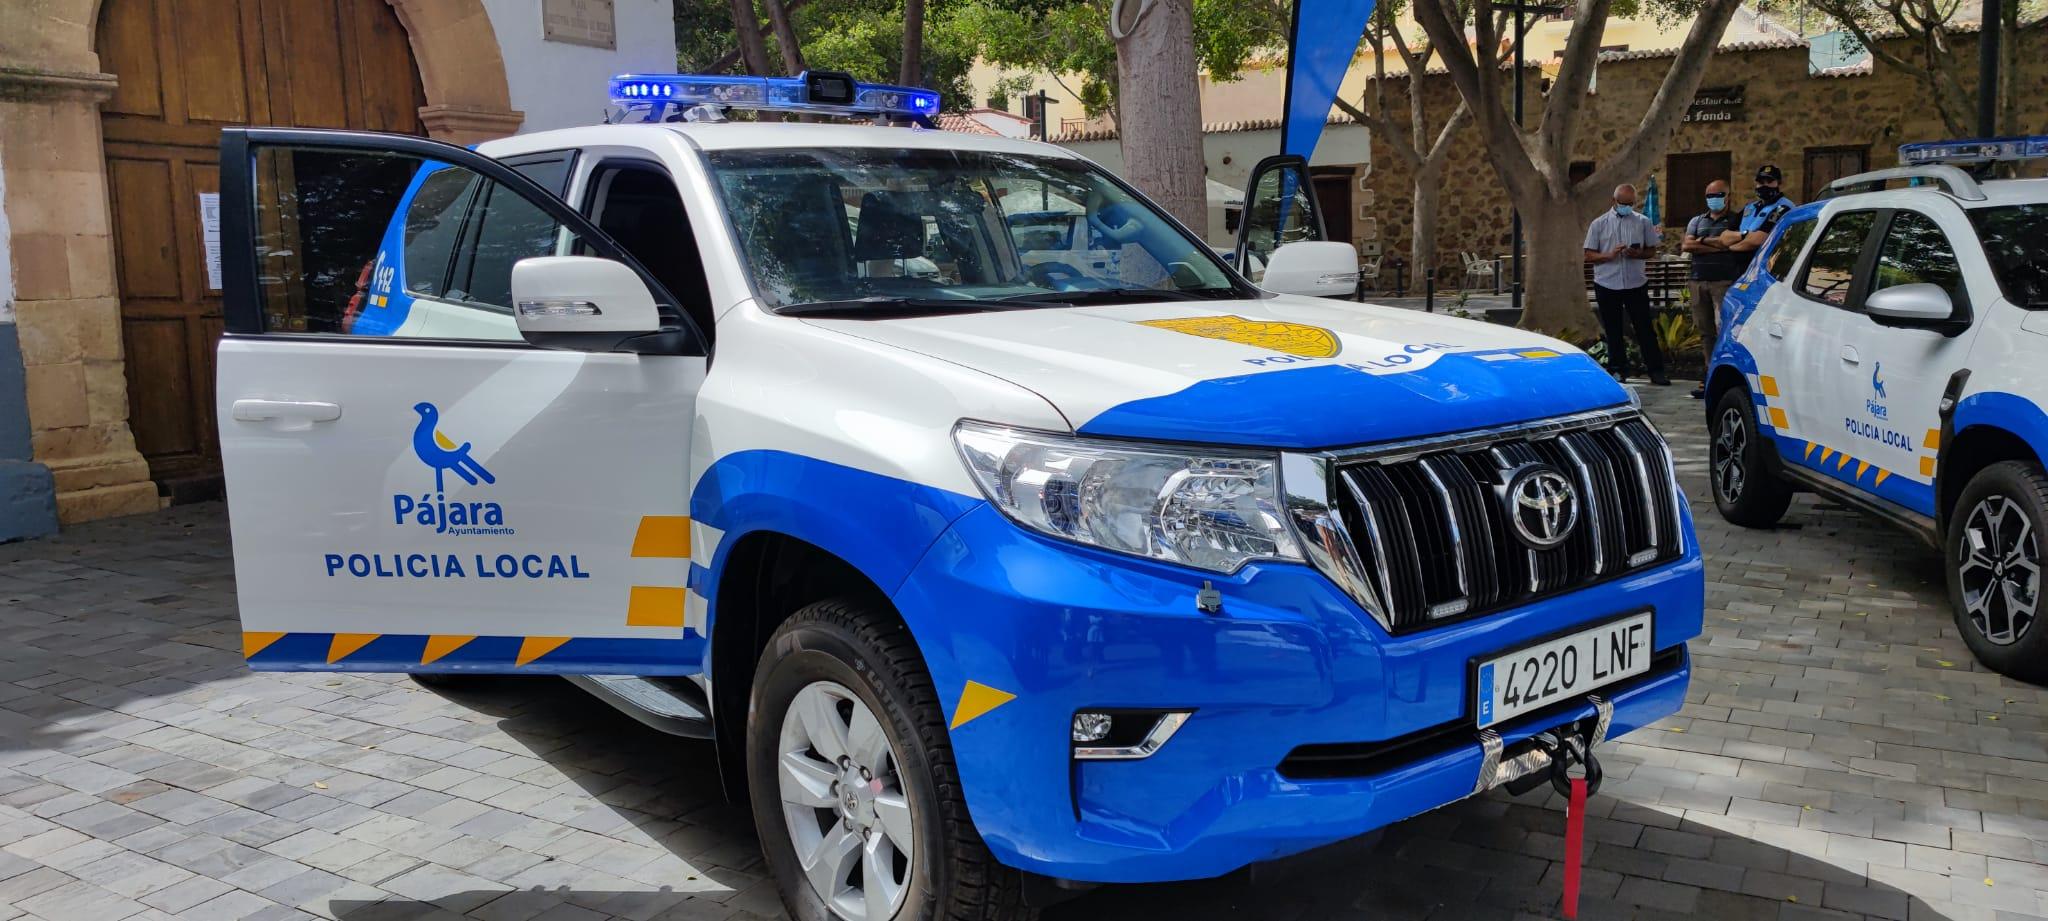 Pájara (Fuerteventura) oferta seis plazas de Policía Local / CanariasNoticias.es